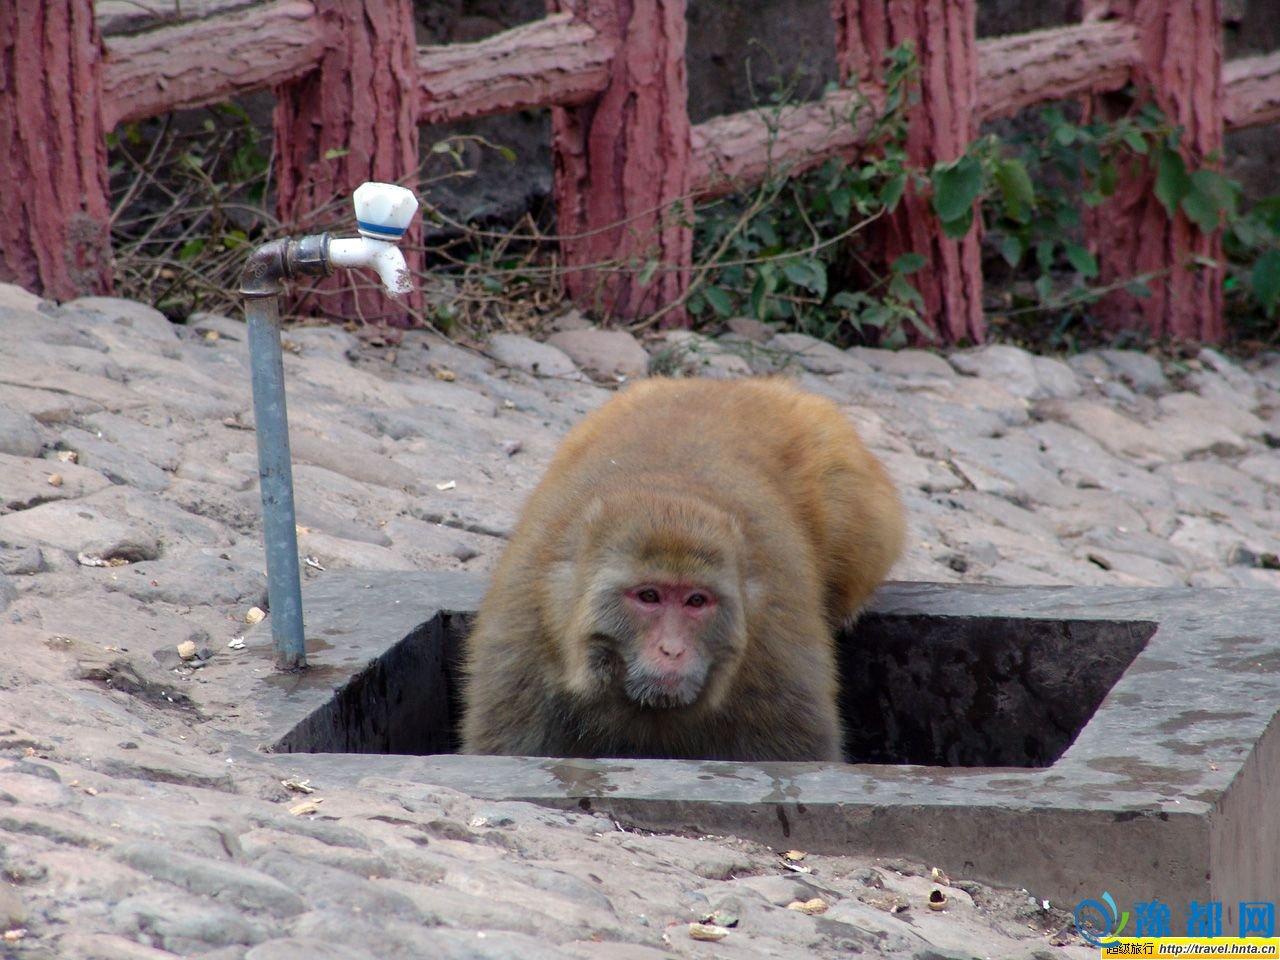 """五龙口景区内有猕猴群落分布,为五龙口提了难得的自然动物资源,是最具特色的动物景观。 五龙口猕猴,现称之为""""太行猕猴"""",在进化系统上属灵长目猿科,为国家二级保护动物。五龙口景区现有猕猴九大群,约3000只左右。此外景区内还有山鹰、绵鸡、野山羊、野兔及各种山雀、鸟类等其他动物景观,景区内还盛产中药材全虫(即蝎子)。 植物景观主要是由刺槐、栋树、香椿、侧柏、黄荆、黄栌、连翘、山葡萄等构成的原始次生林。 人物景观 古"""